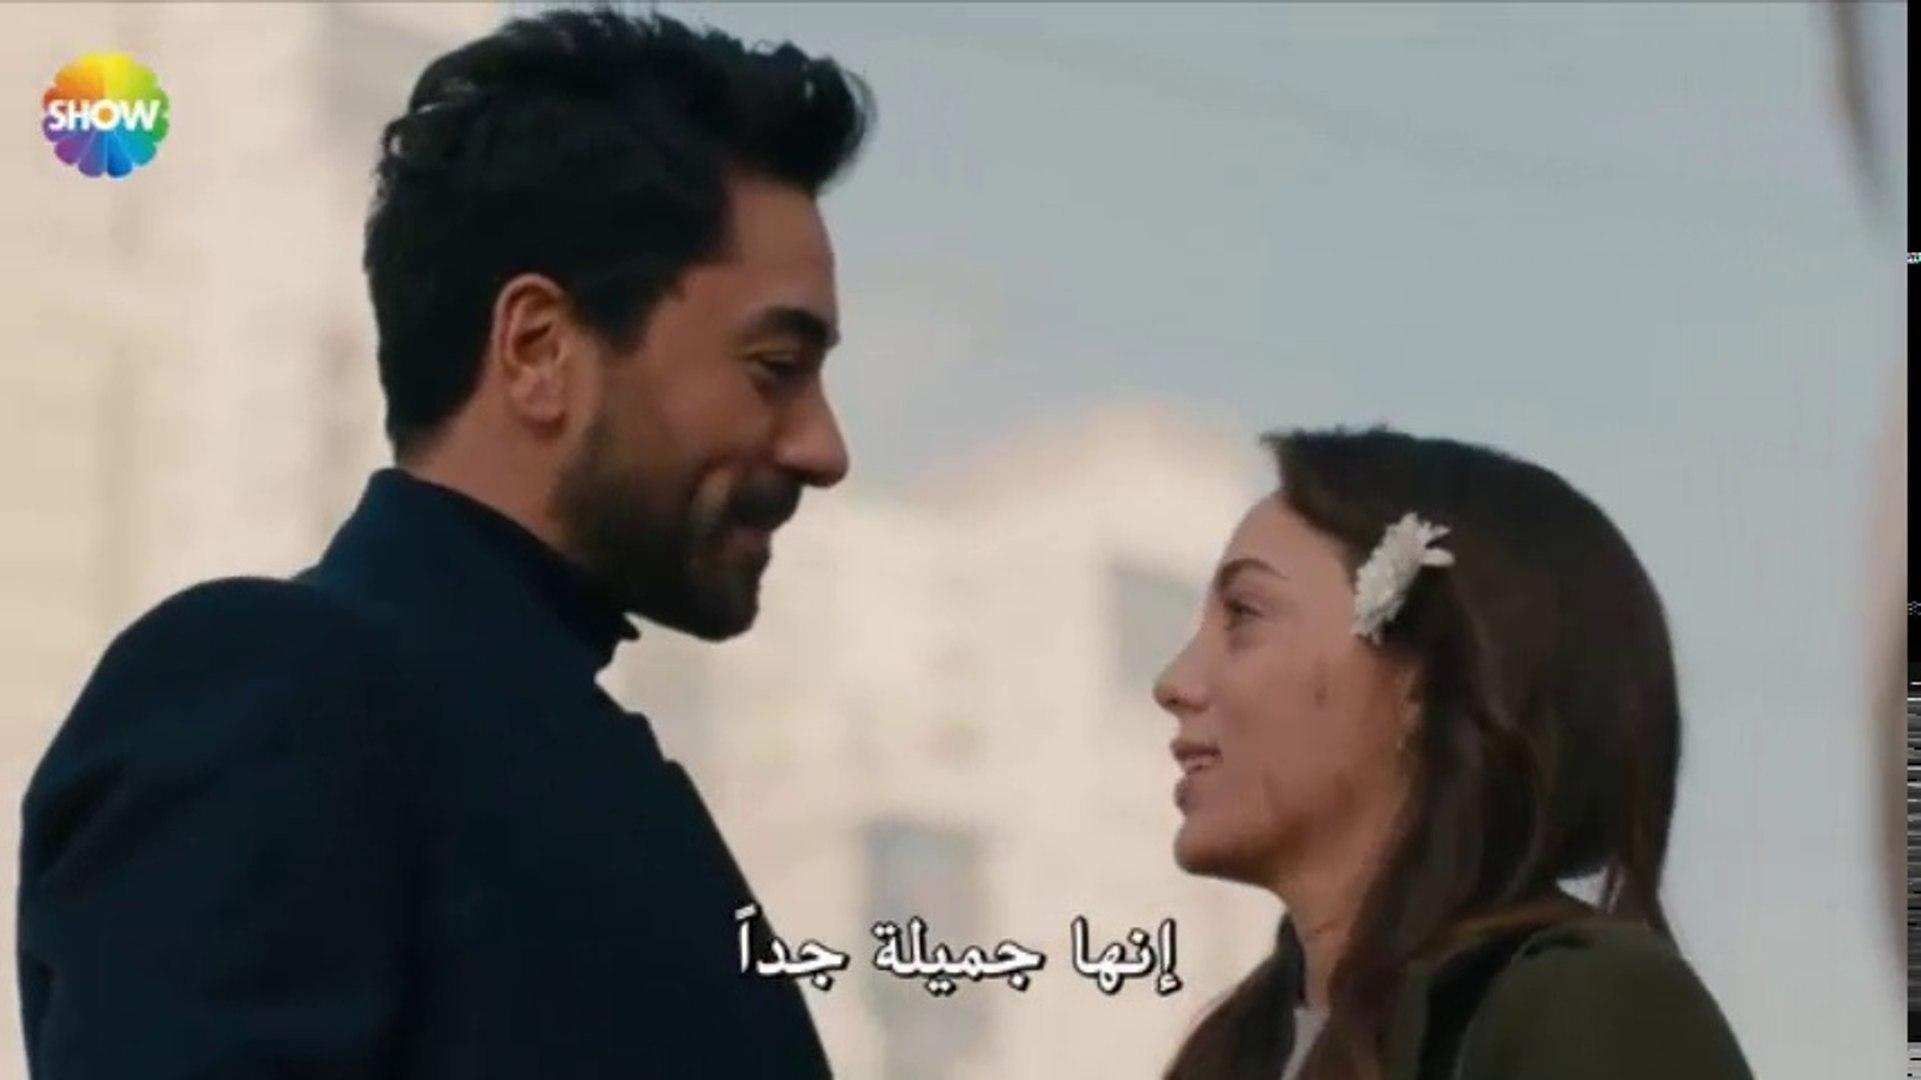 مسلسل نبضات قلب الحلقة 31 كاملة مترجمة للعربية